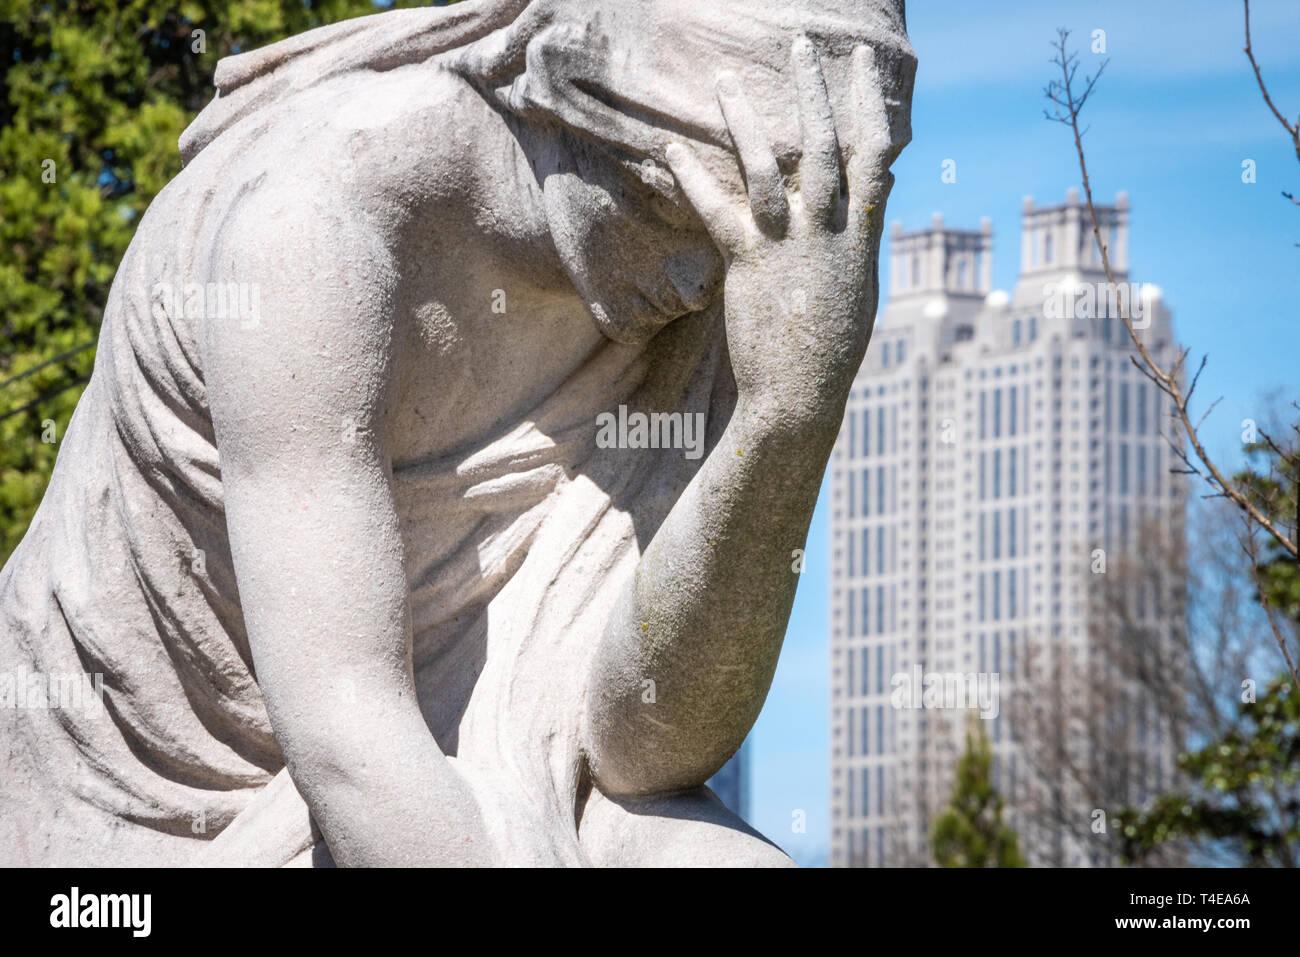 La statue de la femme en pleurs en lot gris Oakland Historique cimetière avec le centre-ville d'Atlanta, Georgia's 191 Peachtree Tower en arrière-plan. (USA) Photo Stock